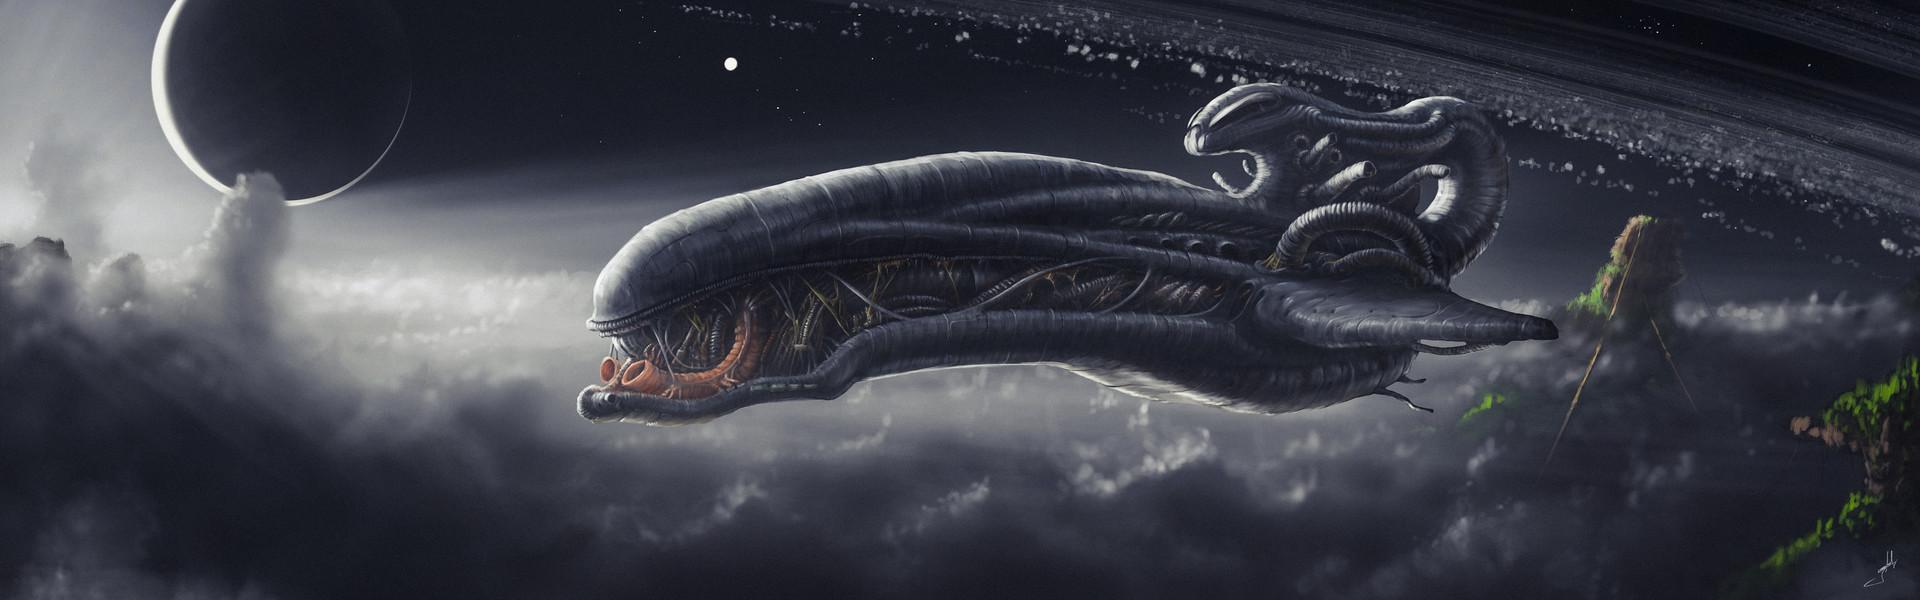 dmitrii-ustinov-spaceship-of-xenomorphs-illustration.jpg